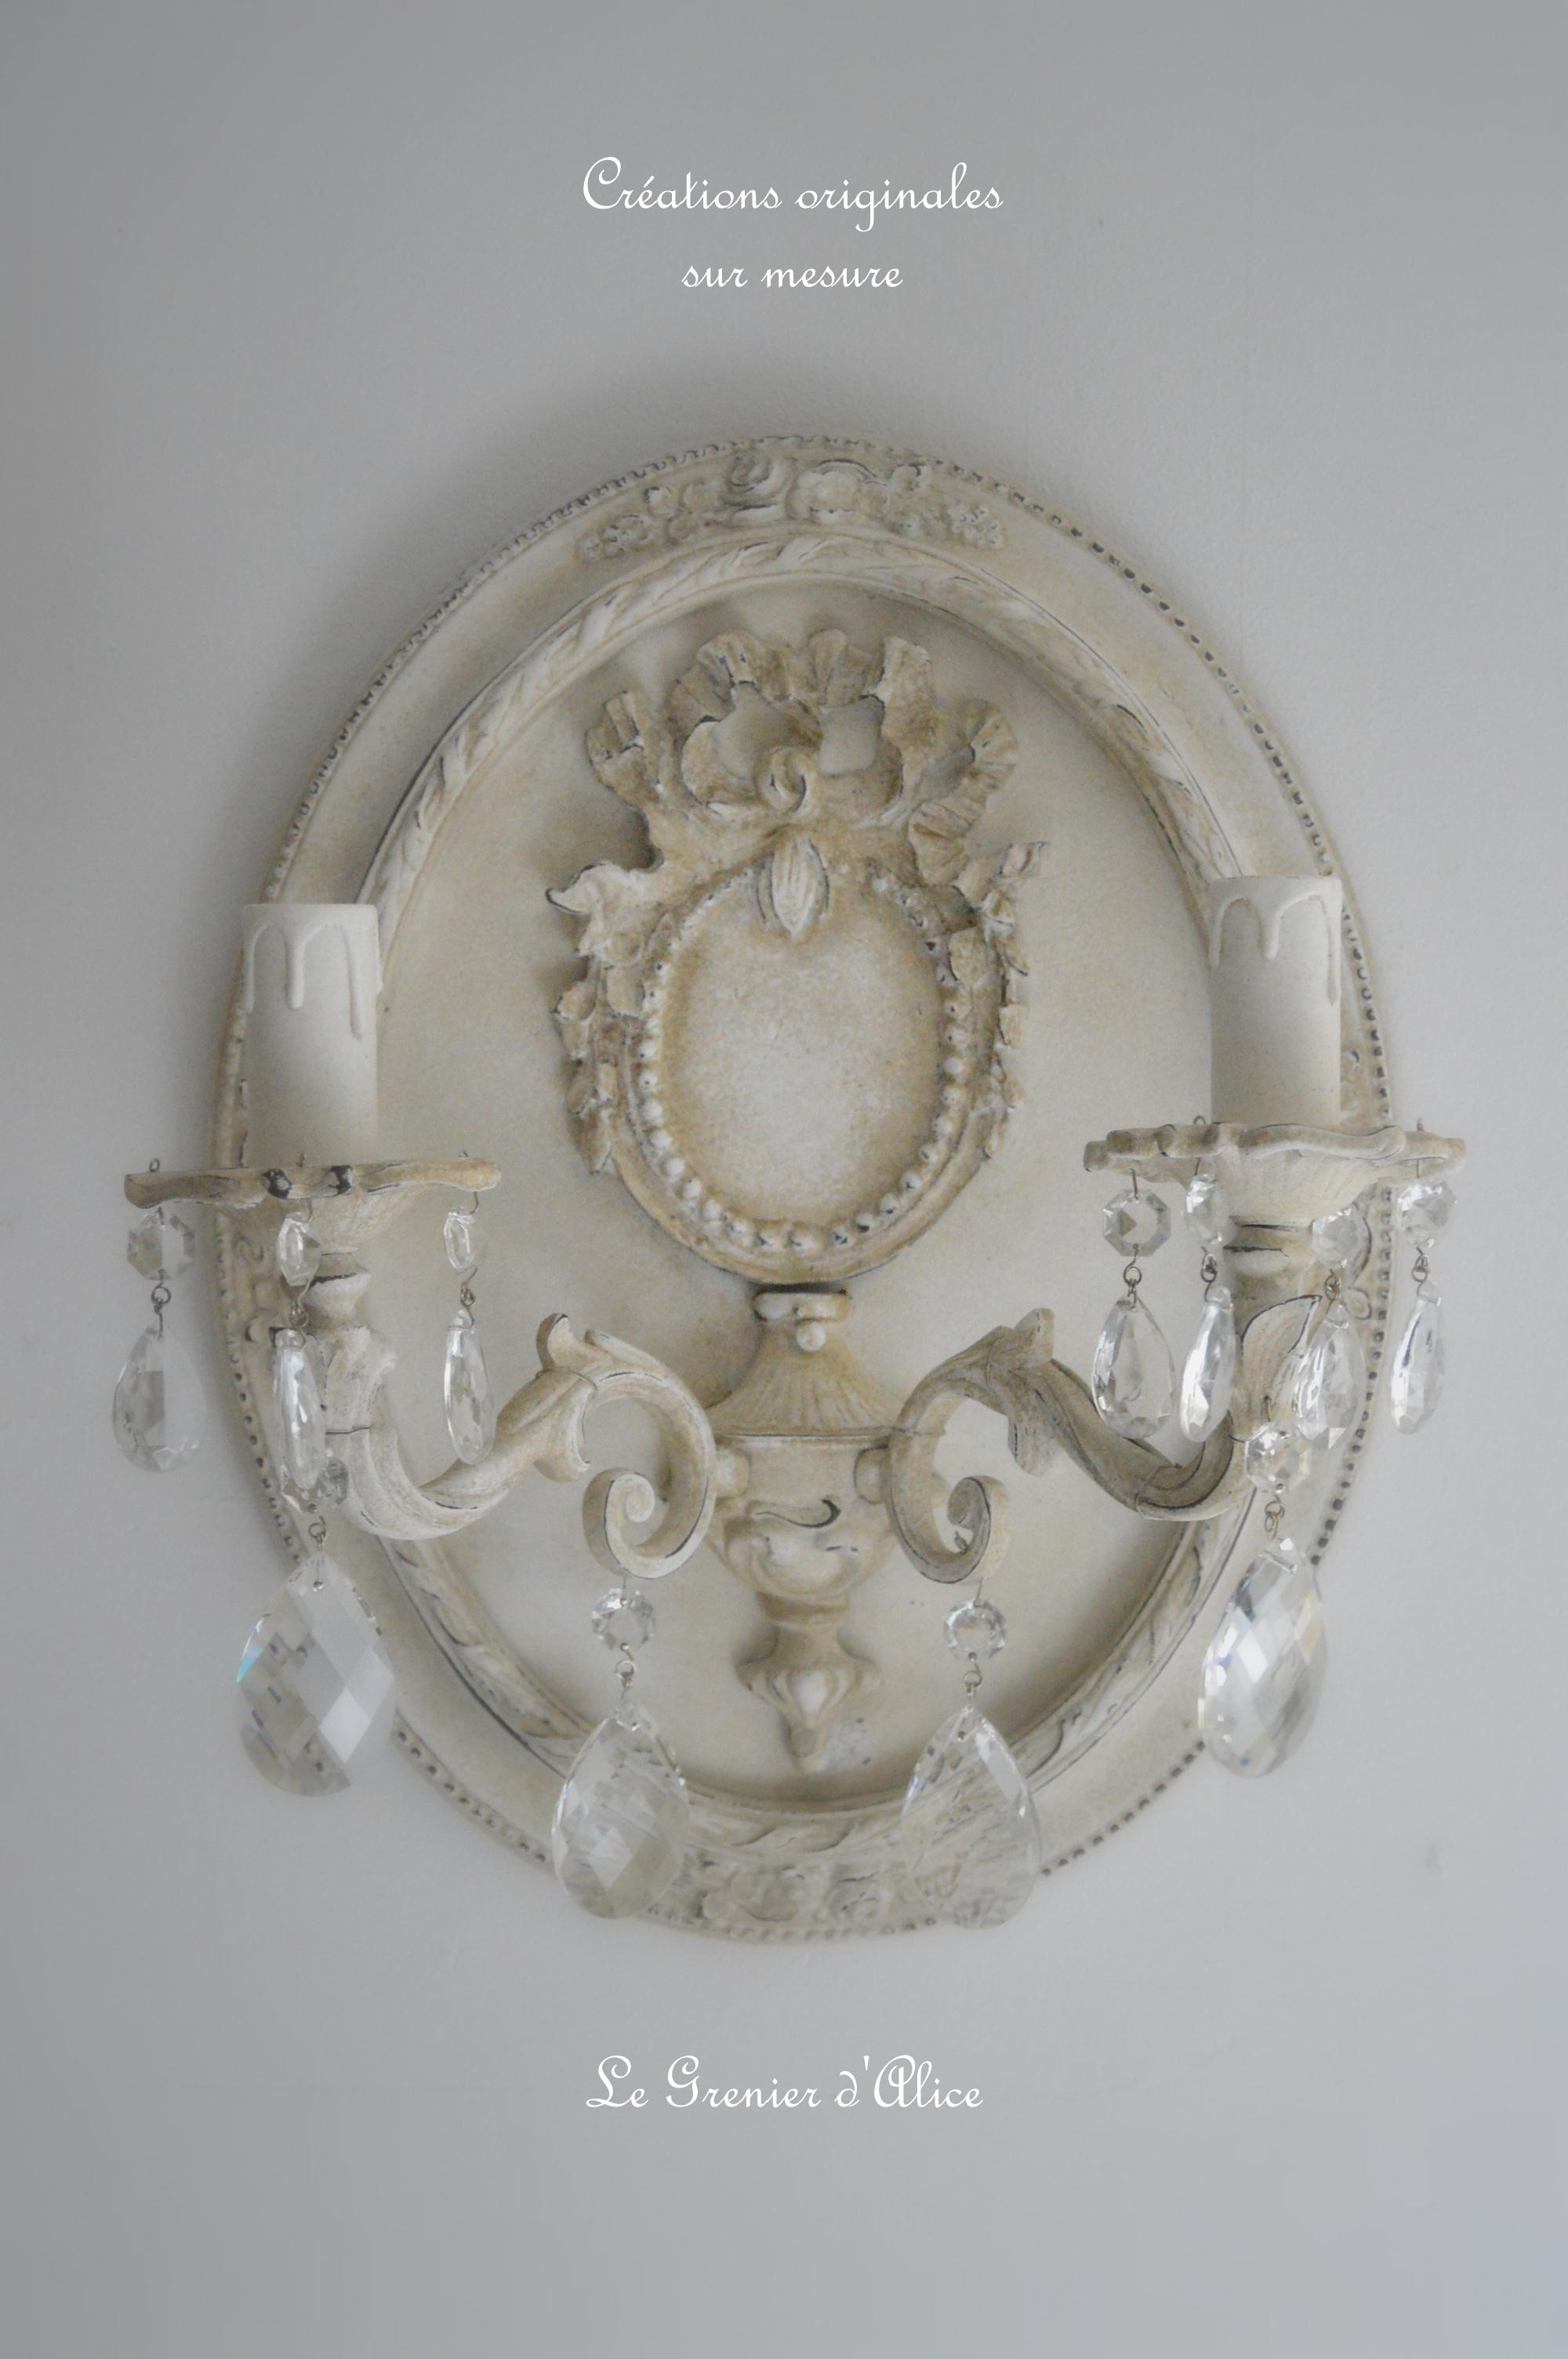 Applique romantique shabby chic creation le grrenier dalice patine lin pampille cristal cadre oval applique ancienne deux branches